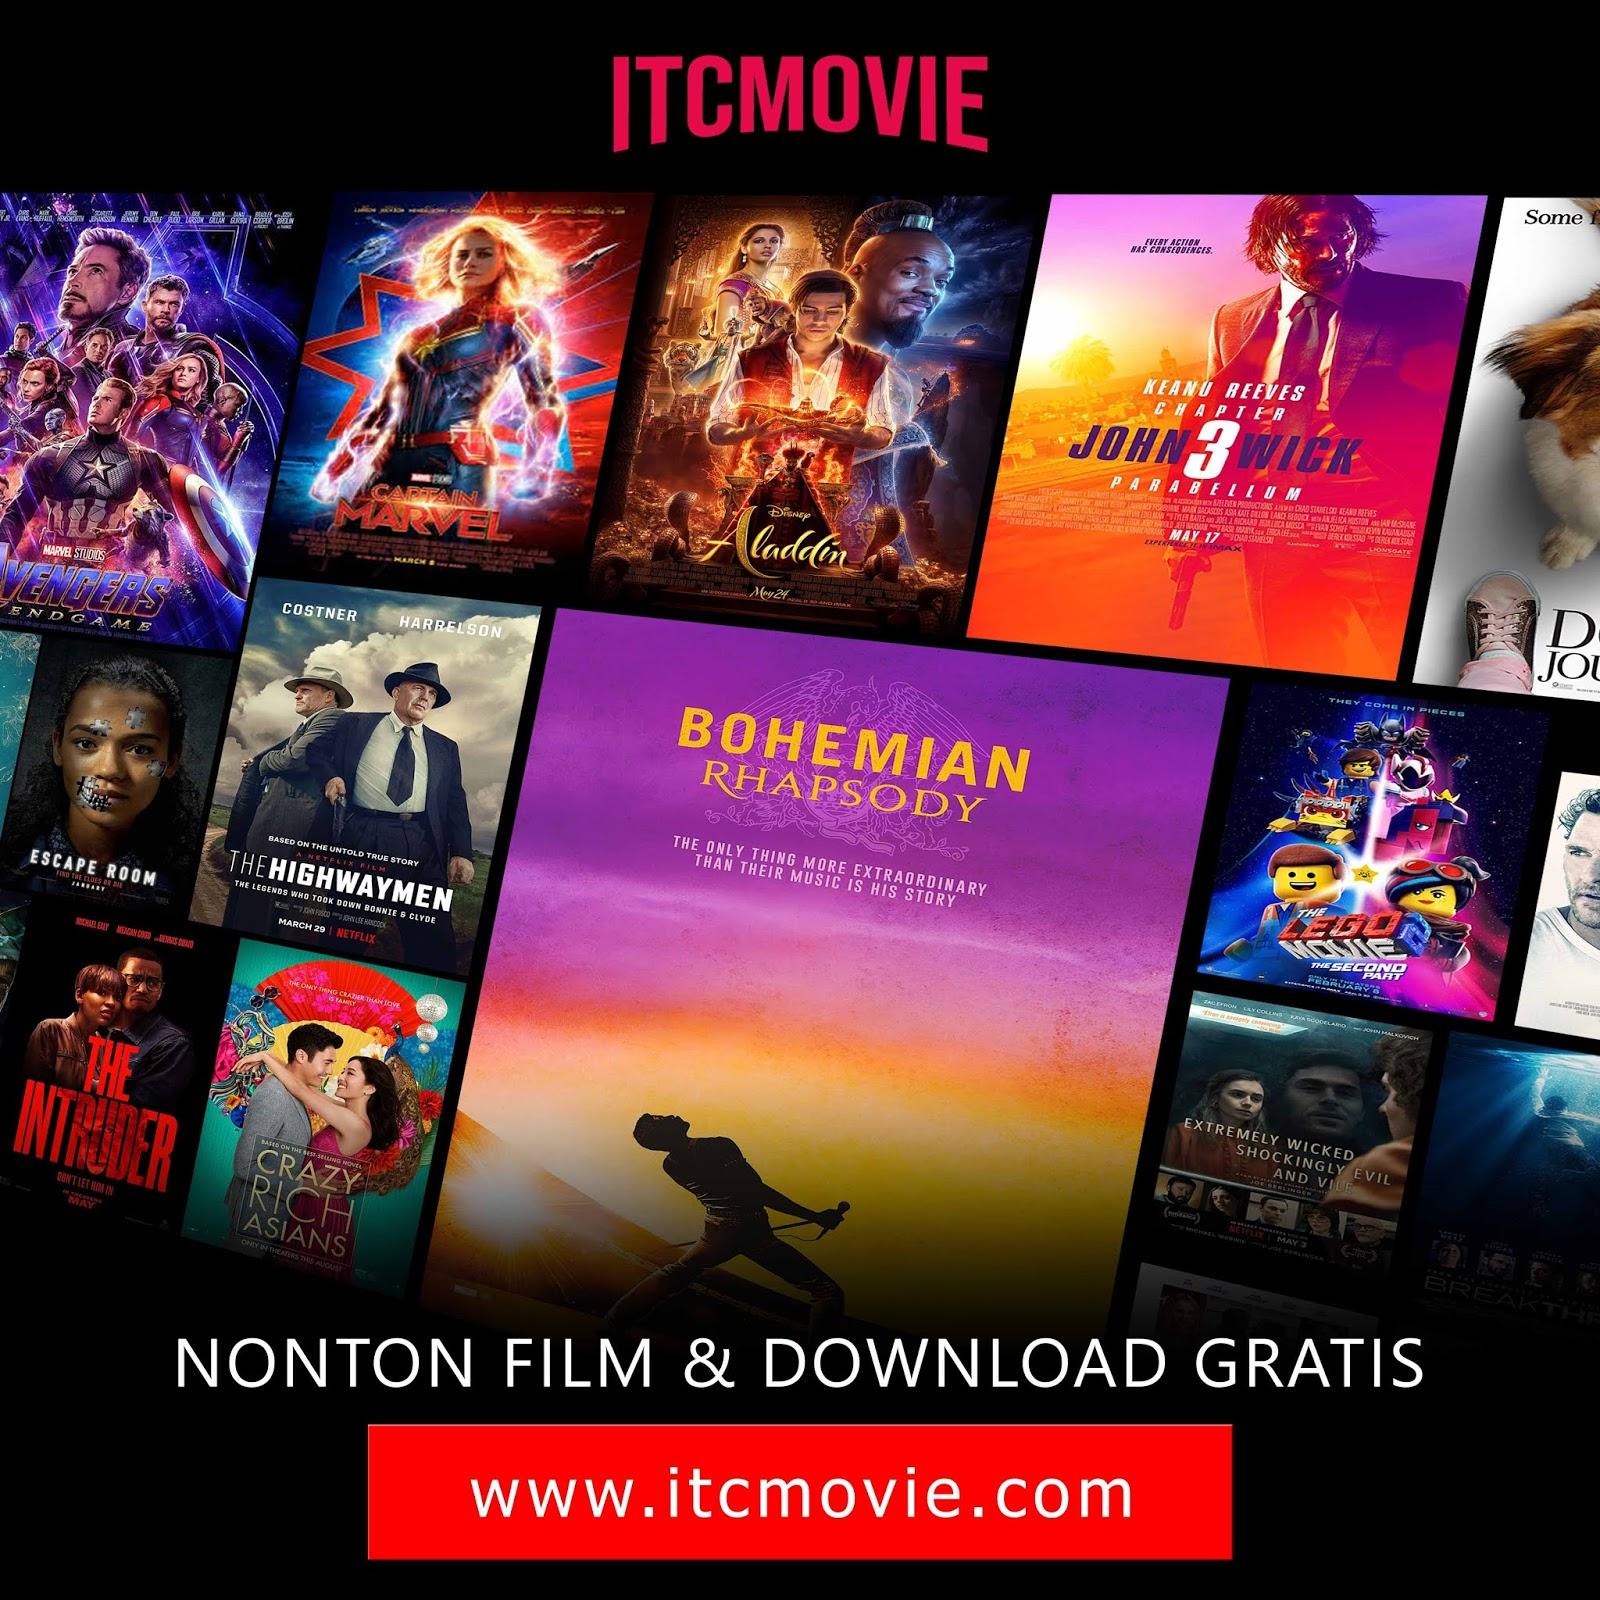 Nonton Movie Online Drama Korea Sub Indo Terbaik ~ Blog Aria